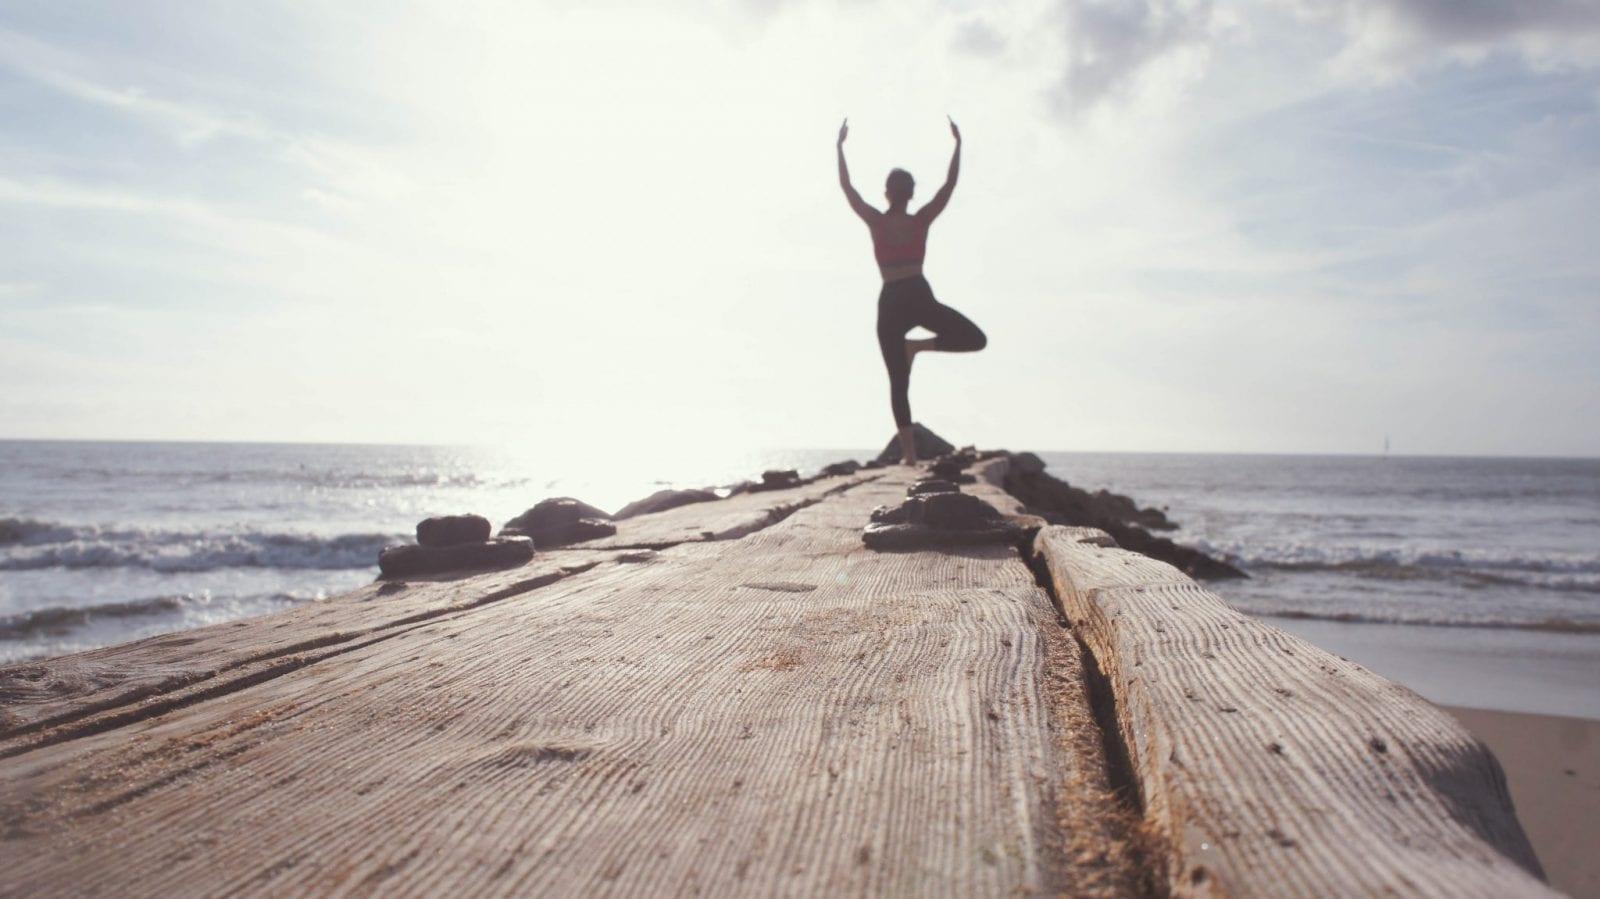 une silhouette se tient face à la mer en effectuant une position de yoga